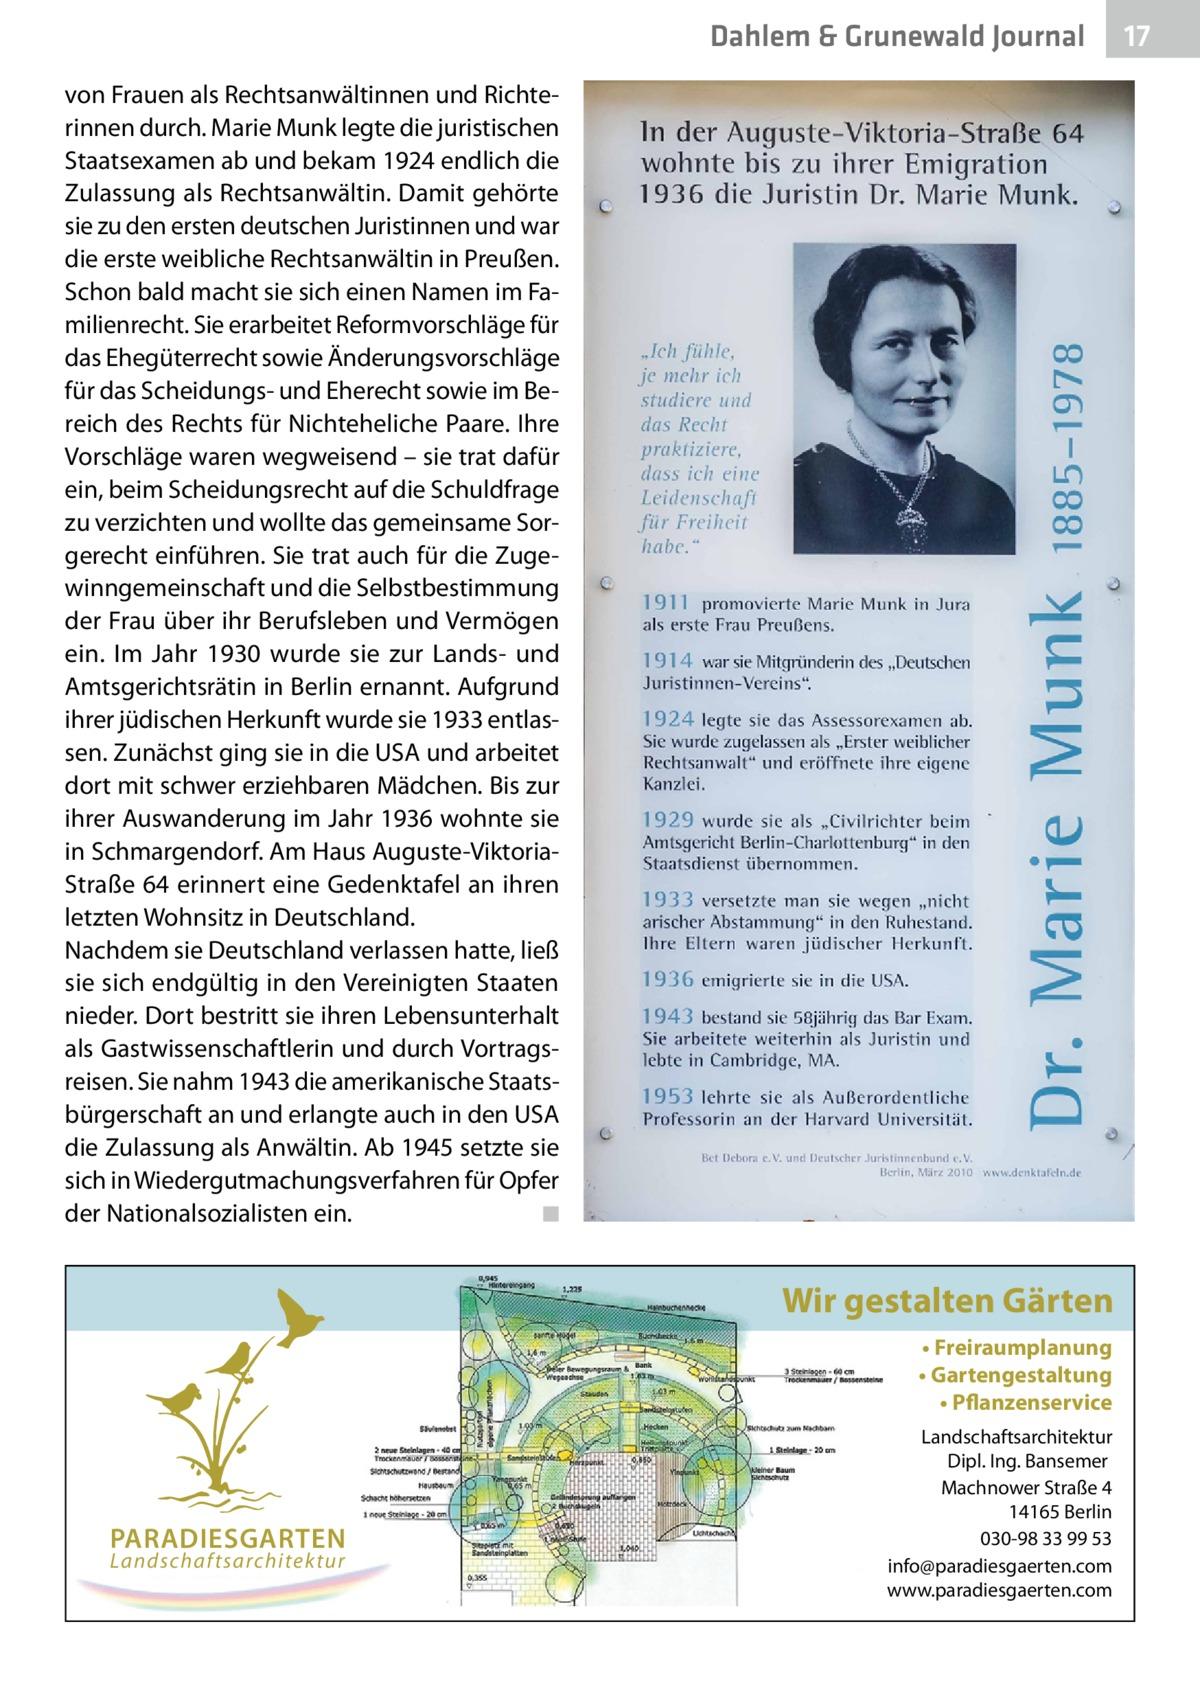 Dahlem & Grunewald Journal von Frauen als Rechtsanwältinnen und Richterinnen durch. Marie Munk legte die juristischen Staatsexamen ab und bekam 1924 endlich die Zulassung als Rechtsanwältin. Damit gehörte sie zu den ersten deutschen Juristinnen und war die erste weibliche Rechtsanwältin in Preußen. Schon bald macht sie sich einen Namen im Familienrecht. Sie erarbeitet Reformvorschläge für das Ehegüterrecht sowie Änderungsvorschläge für das Scheidungs- und Eherecht sowie im Bereich des Rechts für Nichteheliche Paare. Ihre Vorschläge waren wegweisend – sie trat dafür ein, beim Scheidungsrecht auf die Schuldfrage zu verzichten und wollte das gemeinsame Sorgerecht einführen. Sie trat auch für die Zugewinngemeinschaft und die Selbstbestimmung der Frau über ihr Berufsleben und Vermögen ein. Im Jahr 1930 wurde sie zur Lands- und Amtsgerichtsrätin in Berlin ernannt. Aufgrund ihrer jüdischen Herkunft wurde sie 1933 entlassen. Zunächst ging sie in die USA und arbeitet dort mit schwer erziehbaren Mädchen. Bis zur ihrer Auswanderung im Jahr 1936 wohnte sie in Schmargendorf. Am Haus Auguste-ViktoriaStraße 64 erinnert eine Gedenktafel an ihren letzten Wohnsitz in Deutschland. Nachdem sie Deutschland verlassen hatte, ließ sie sich endgültig in den Vereinigten Staaten nieder. Dort bestritt sie ihren Lebensunterhalt als Gastwissenschaftlerin und durch Vortragsreisen. Sie nahm 1943 die amerikanische Staatsbürgerschaft an und erlangte auch in den USA die Zulassung als Anwältin. Ab 1945 setzte sie sich in Wiedergutmachungsverfahren für Opfer der Nationalsozialisten ein. � ◾  Wir gestalten Gärten • Freiraumplanung • Gartengestaltung • Pflanzenservice  PARADIESGARTEN Landschaftsarchitektur  Landschaftsarchitektur Dipl. Ing. Bansemer Machnower Straße 4 14165 Berlin 030-98 33 99 53 info@paradiesgaerten.com www.paradiesgaerten.com  17 17